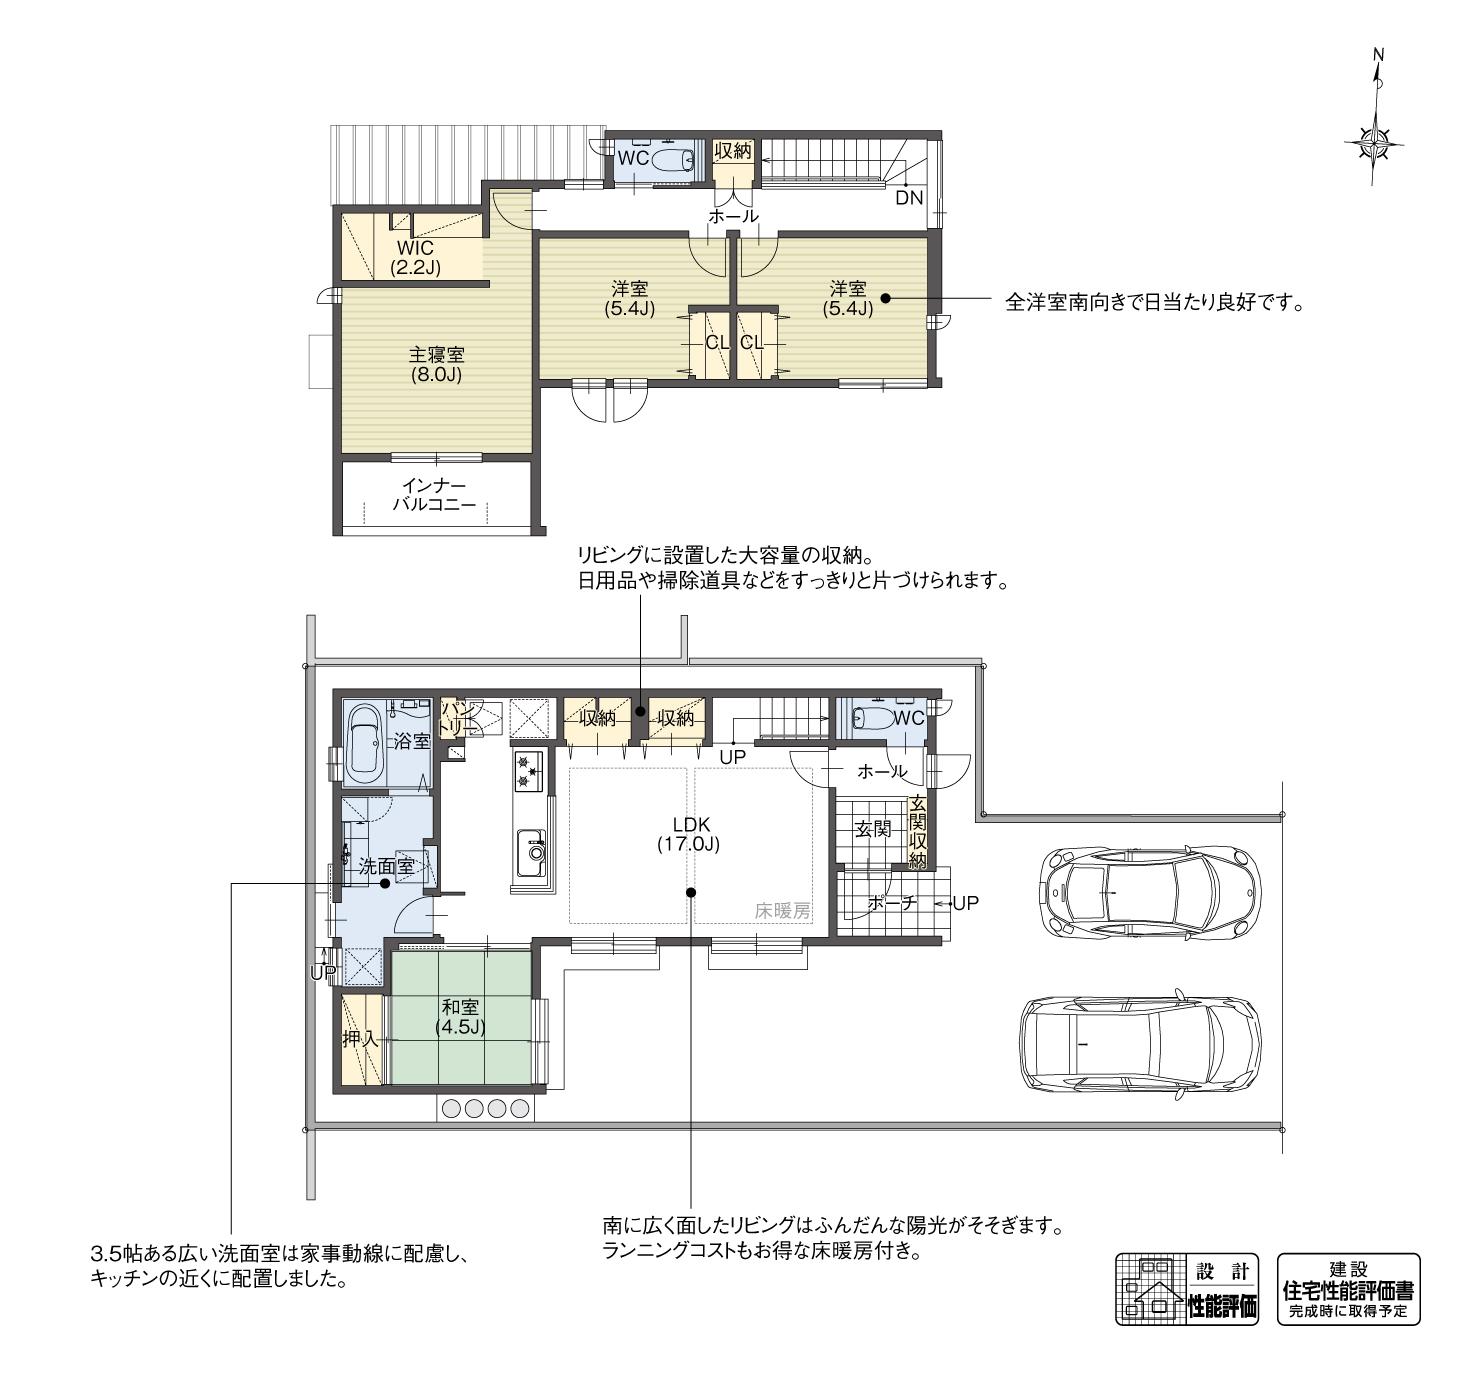 5_間取図_plan6_豊田市桝塚西町